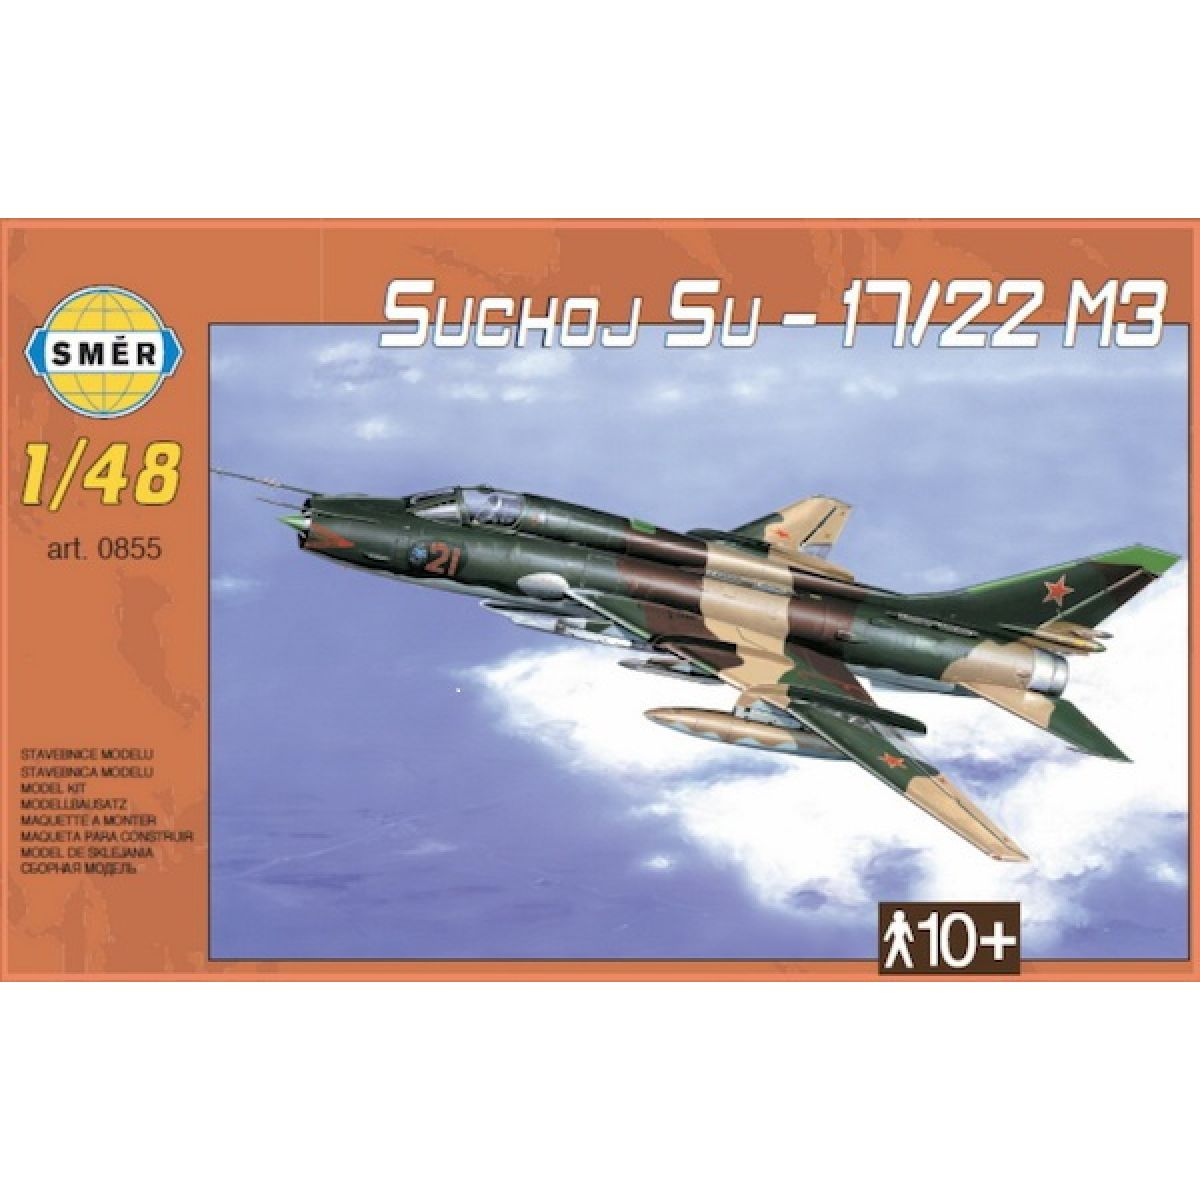 Směr Suchoj SU - 17 - 22 M3 40 dílků